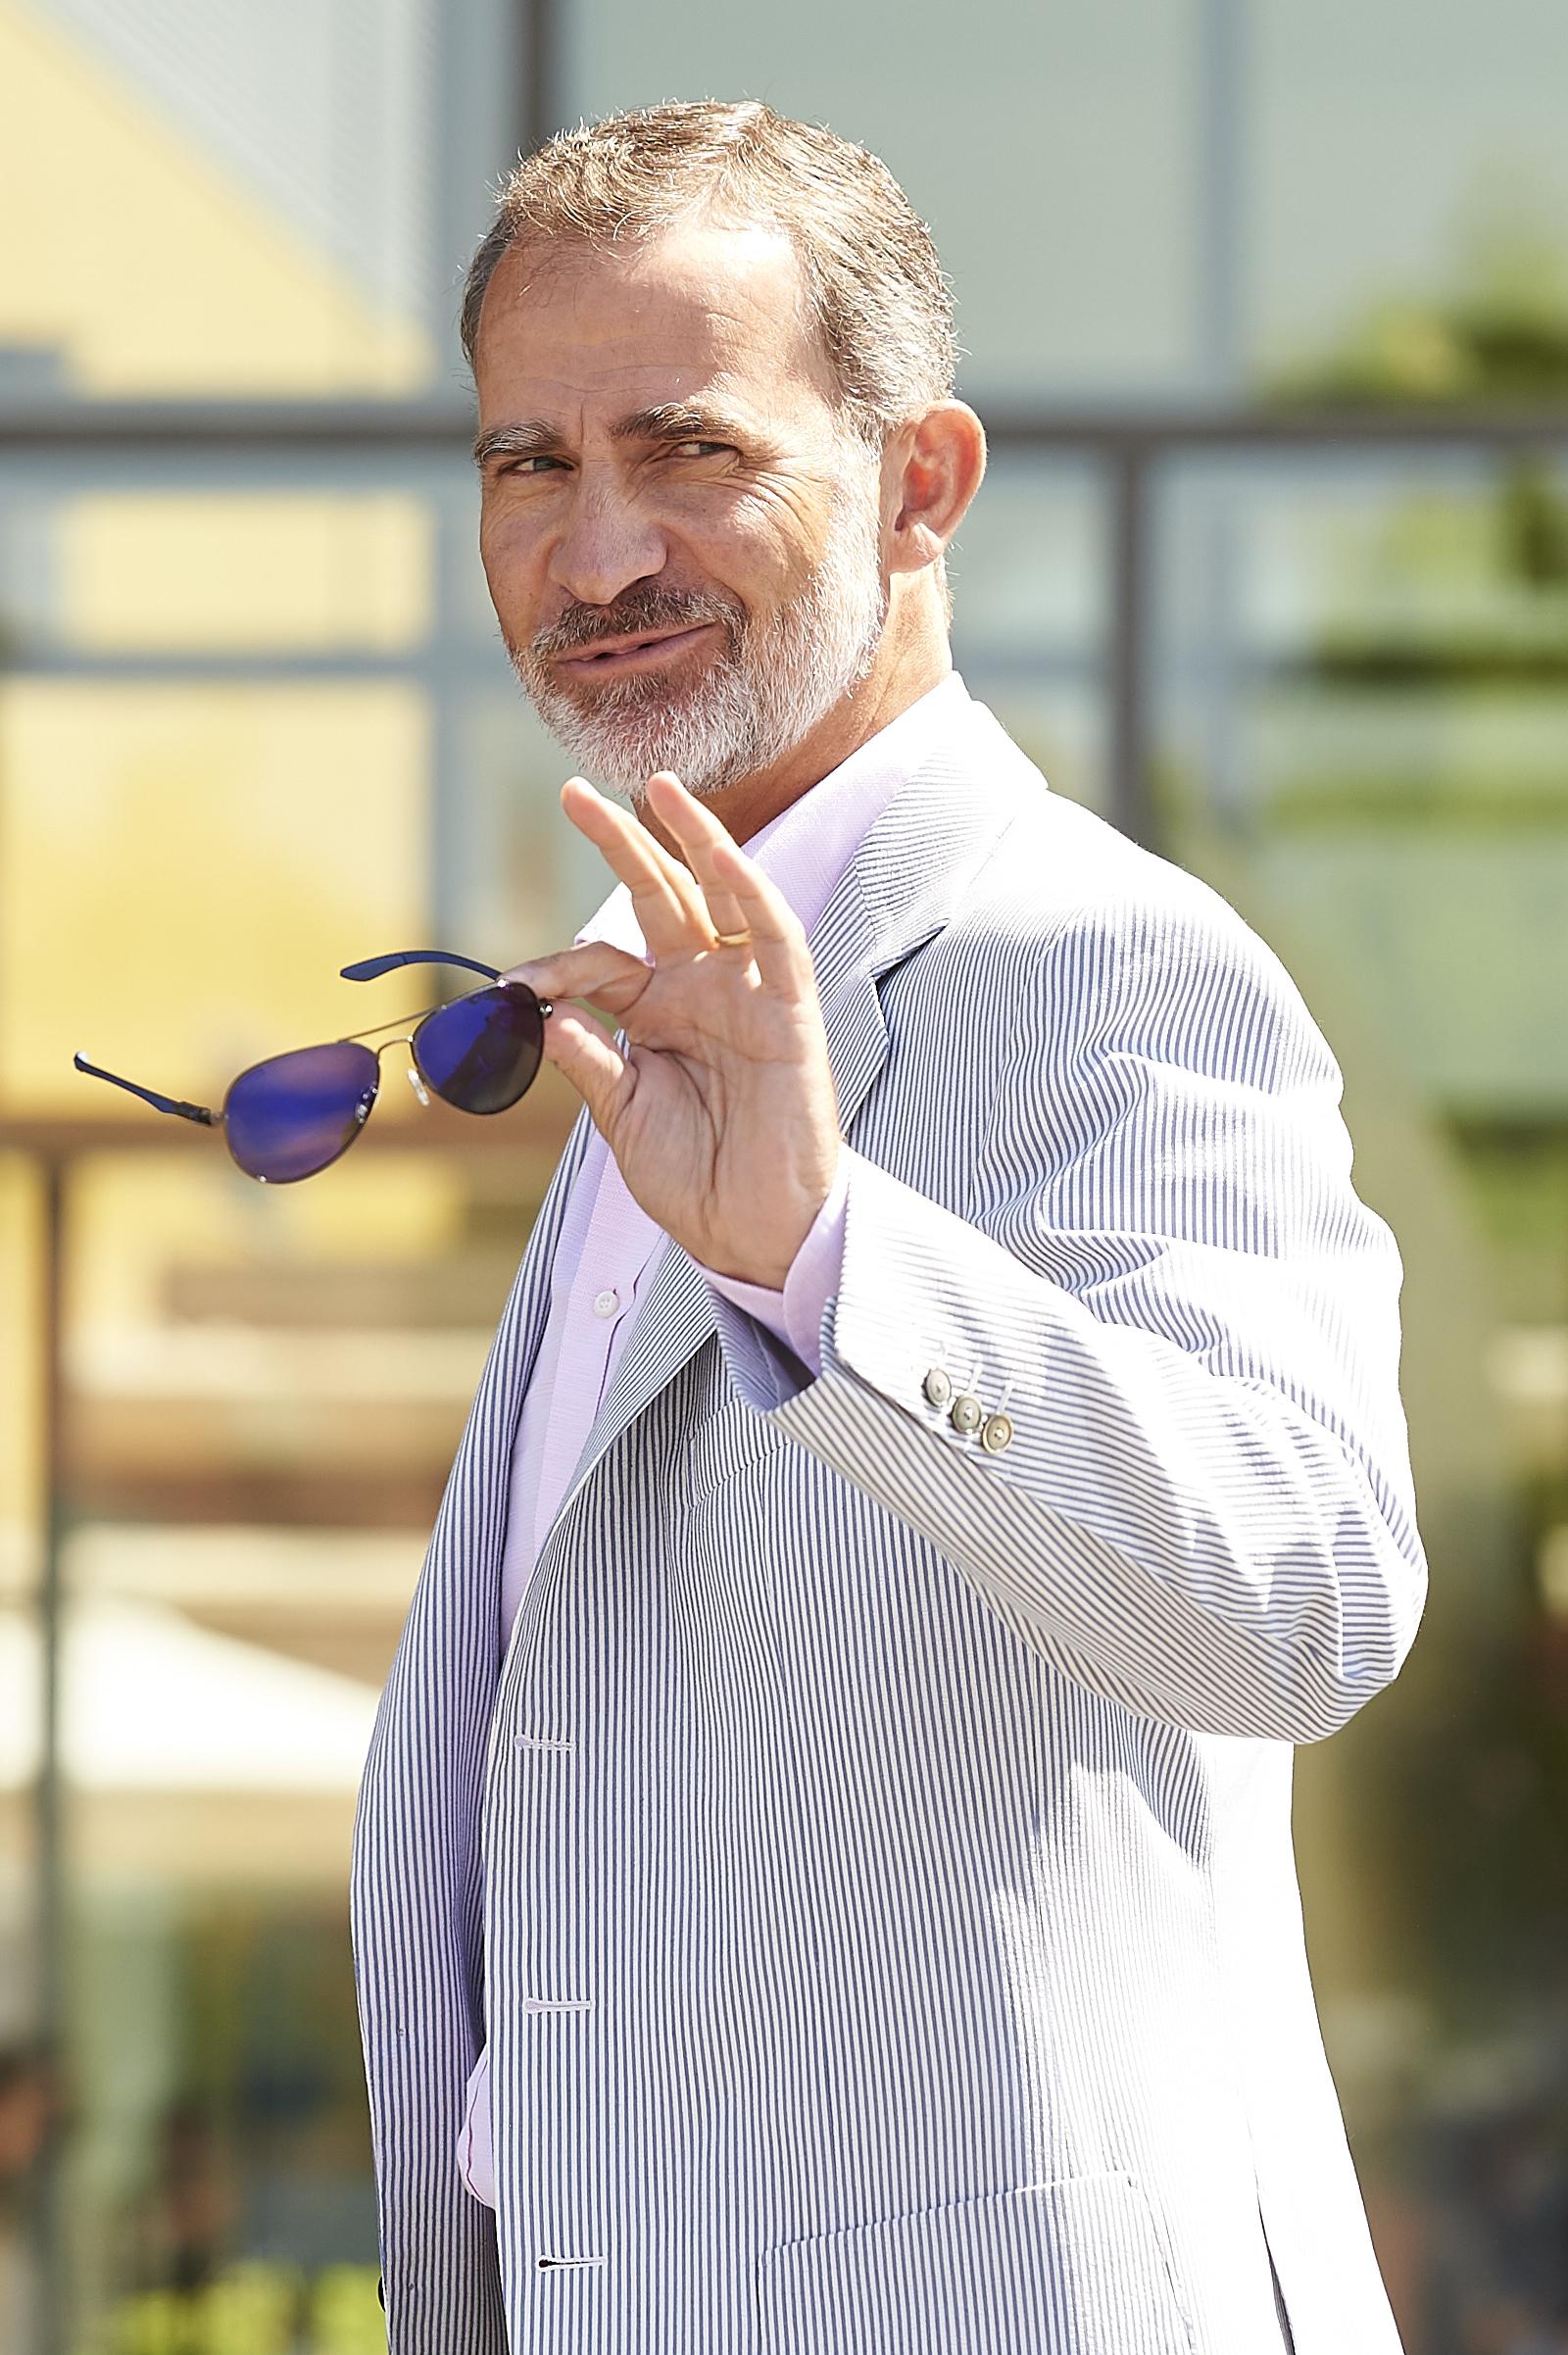 Фелипе VI Настоящият крал на Испания е поредният синеок поглед, в който си заслужава да потънеш. Този мъж остарява красиво, пристъпва красиво и се усмихва повече от красиво. Take us to Spain!